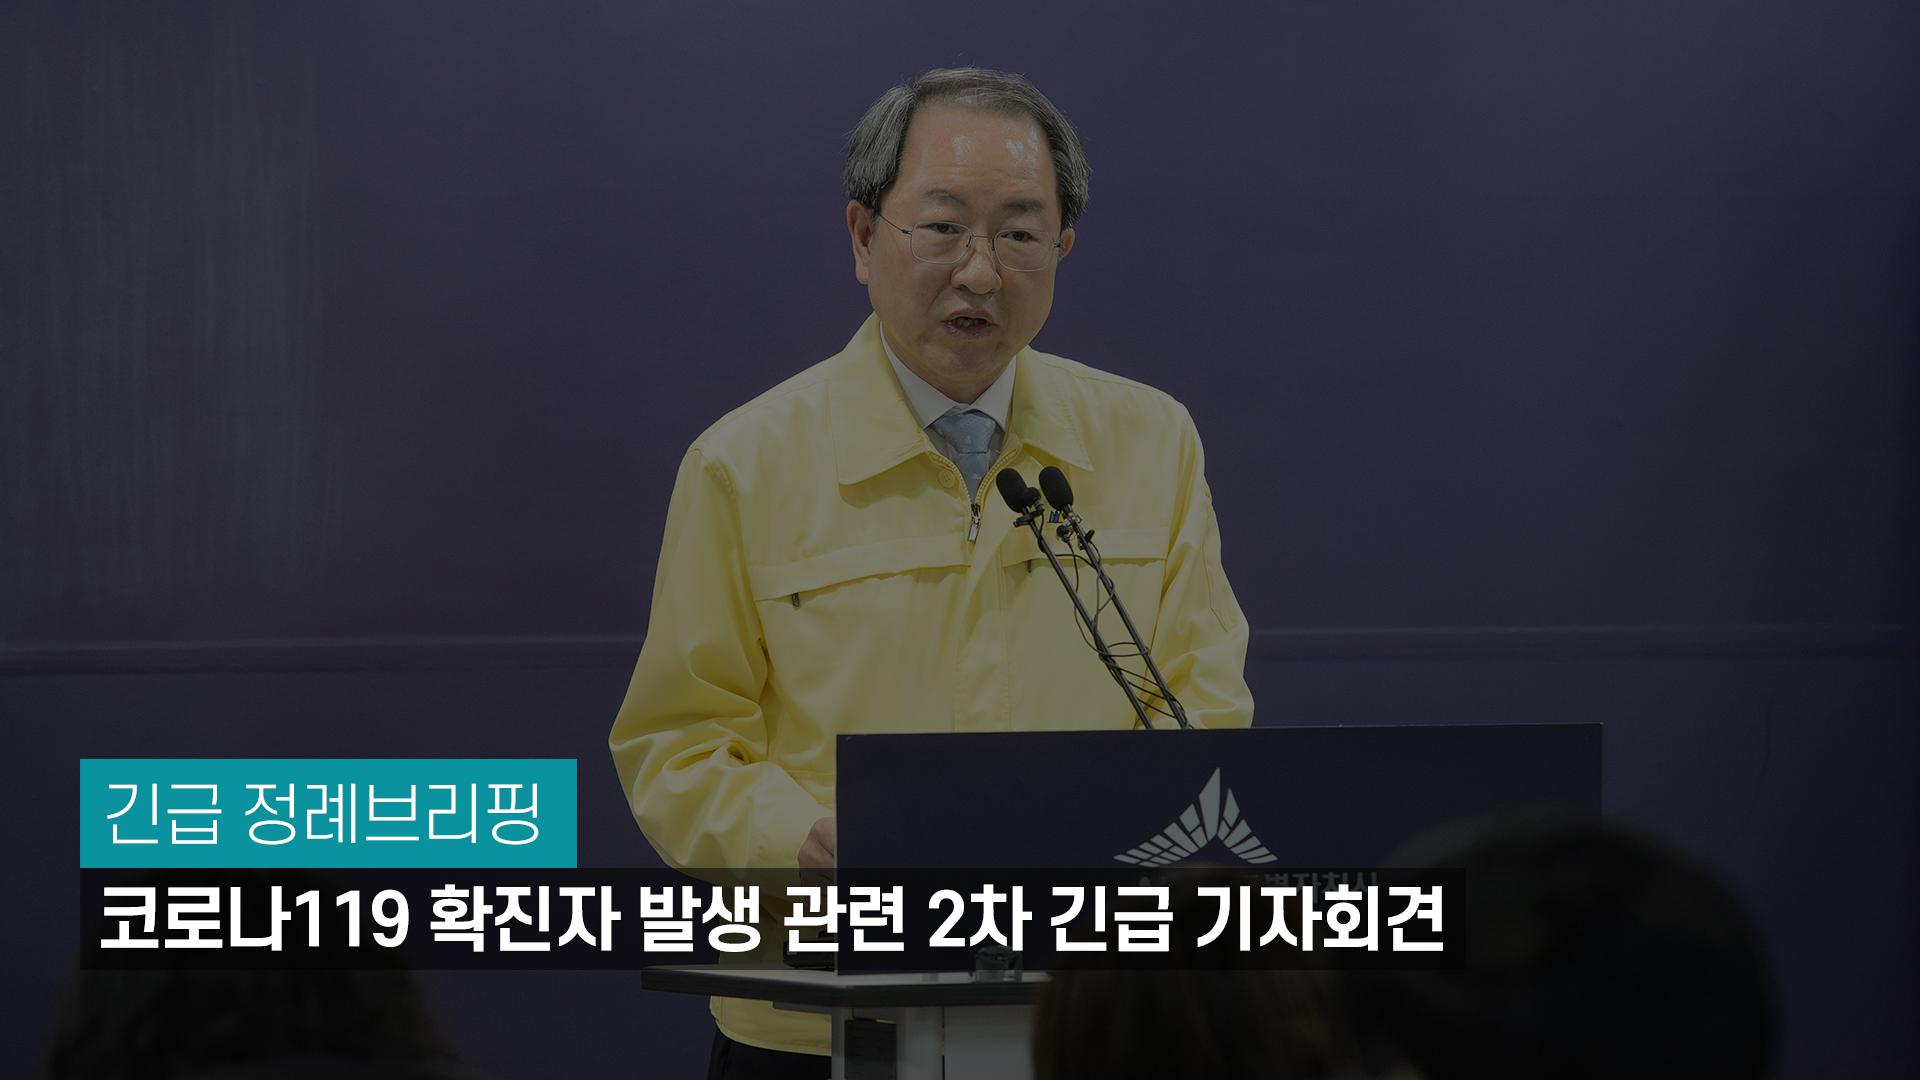 <긴급> 코로나19 확진자 발생 관련 2차 긴급 기자회견